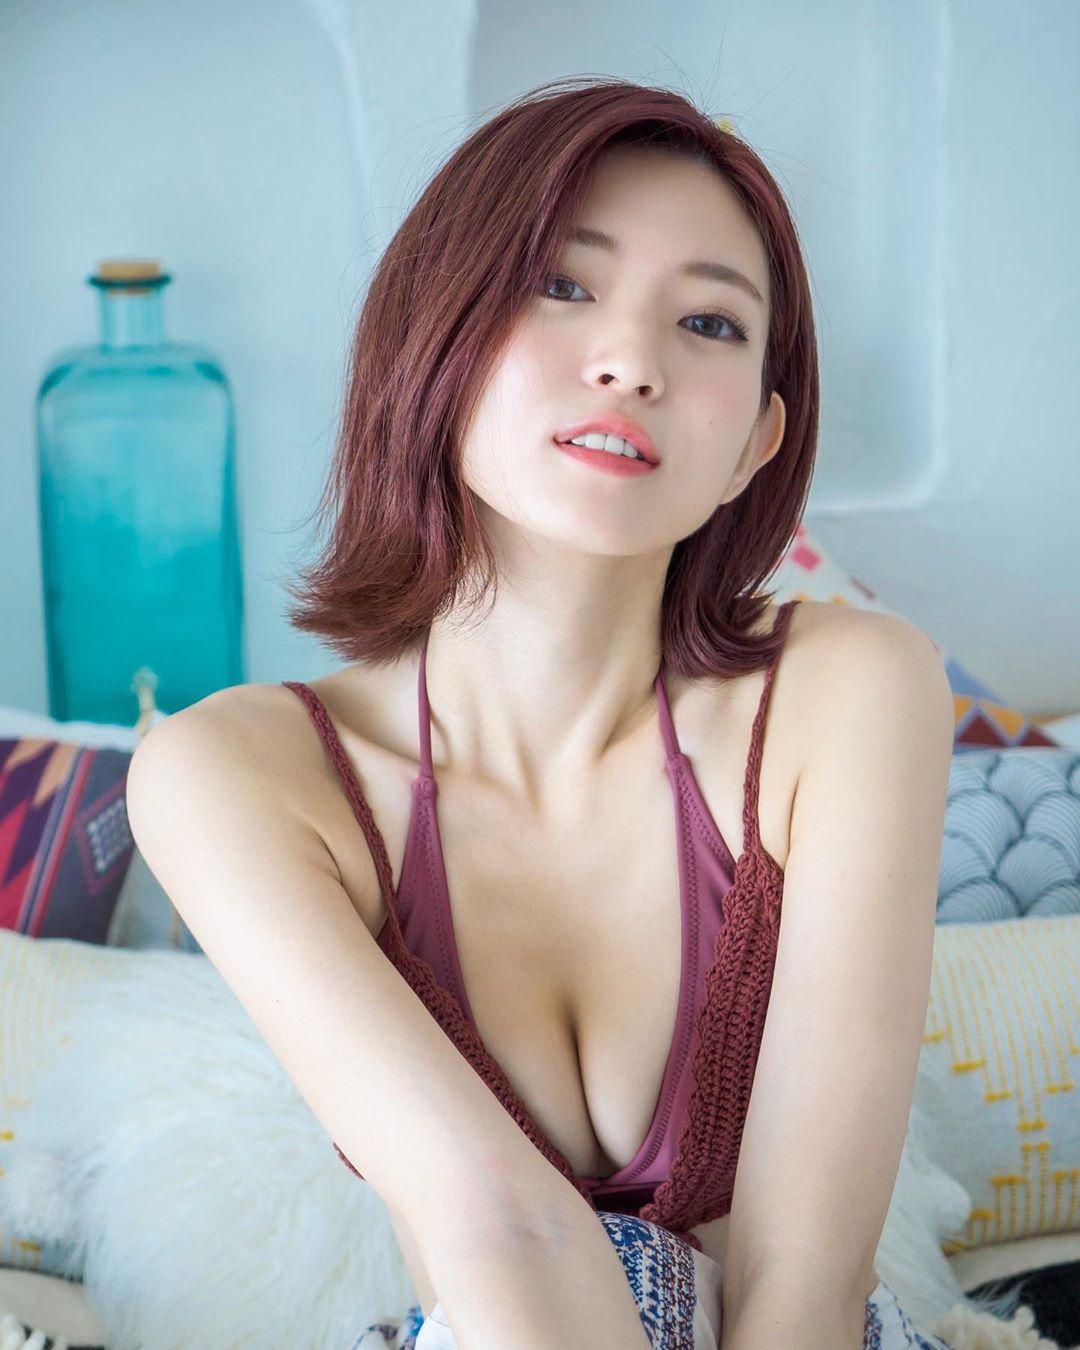 6Bkho8gV o - IG正妹—宮越愛恵